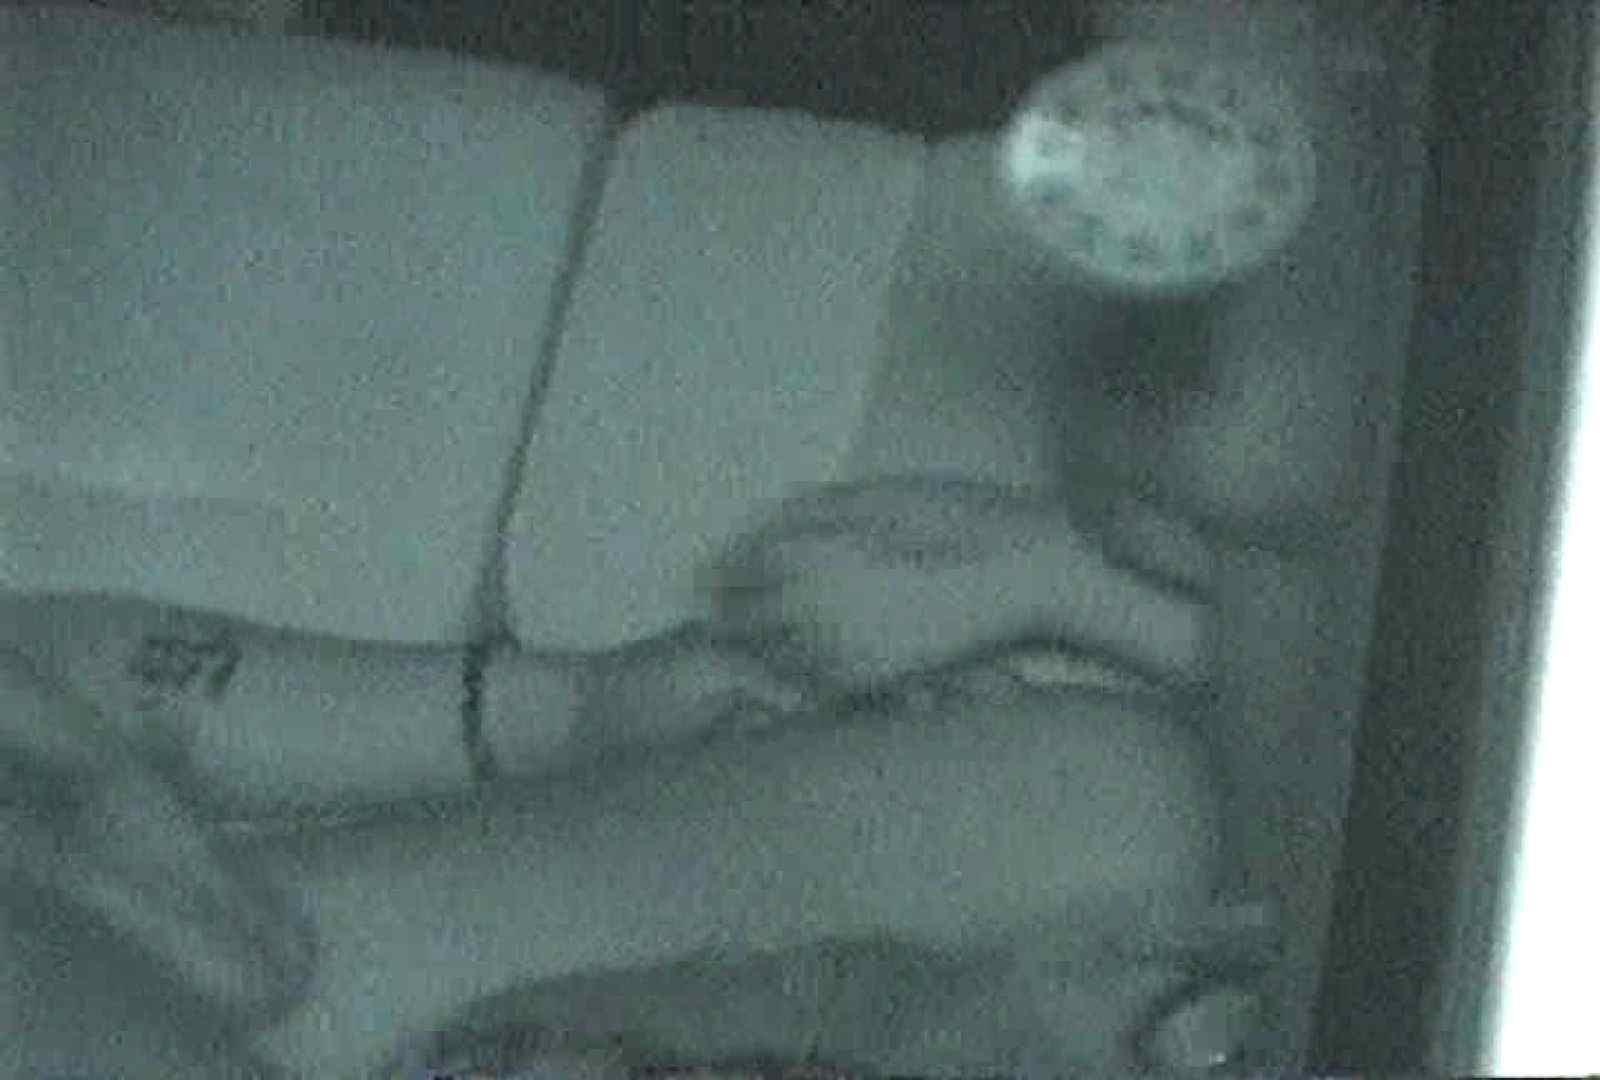 充血監督の深夜の運動会Vol.54 フェラチオシーン 盗撮動画紹介 83pic 7